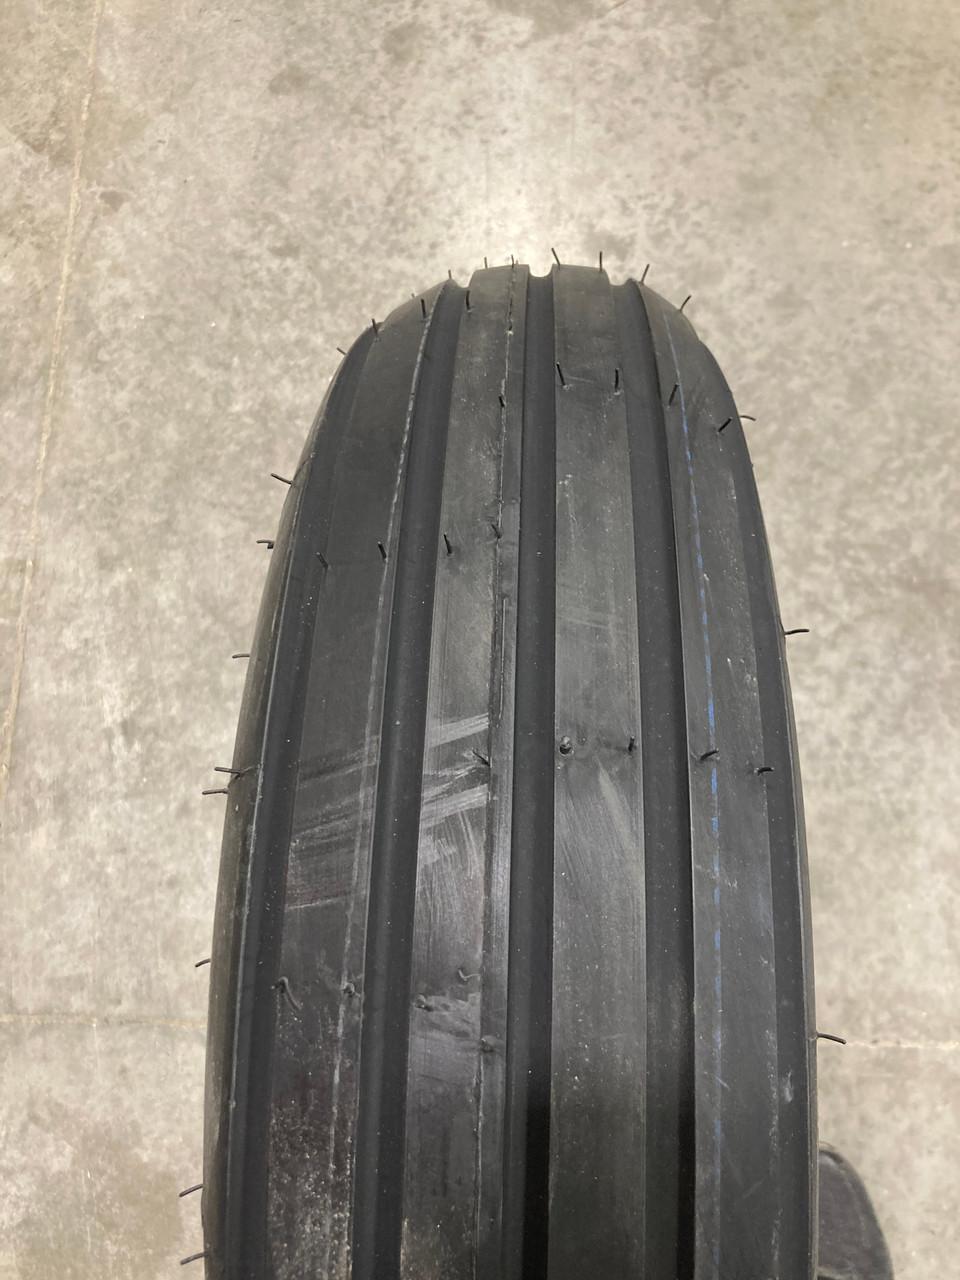 New Tire 9.5 L 15 Speedways Rib Implement 8 Ply TL 9.5L-15